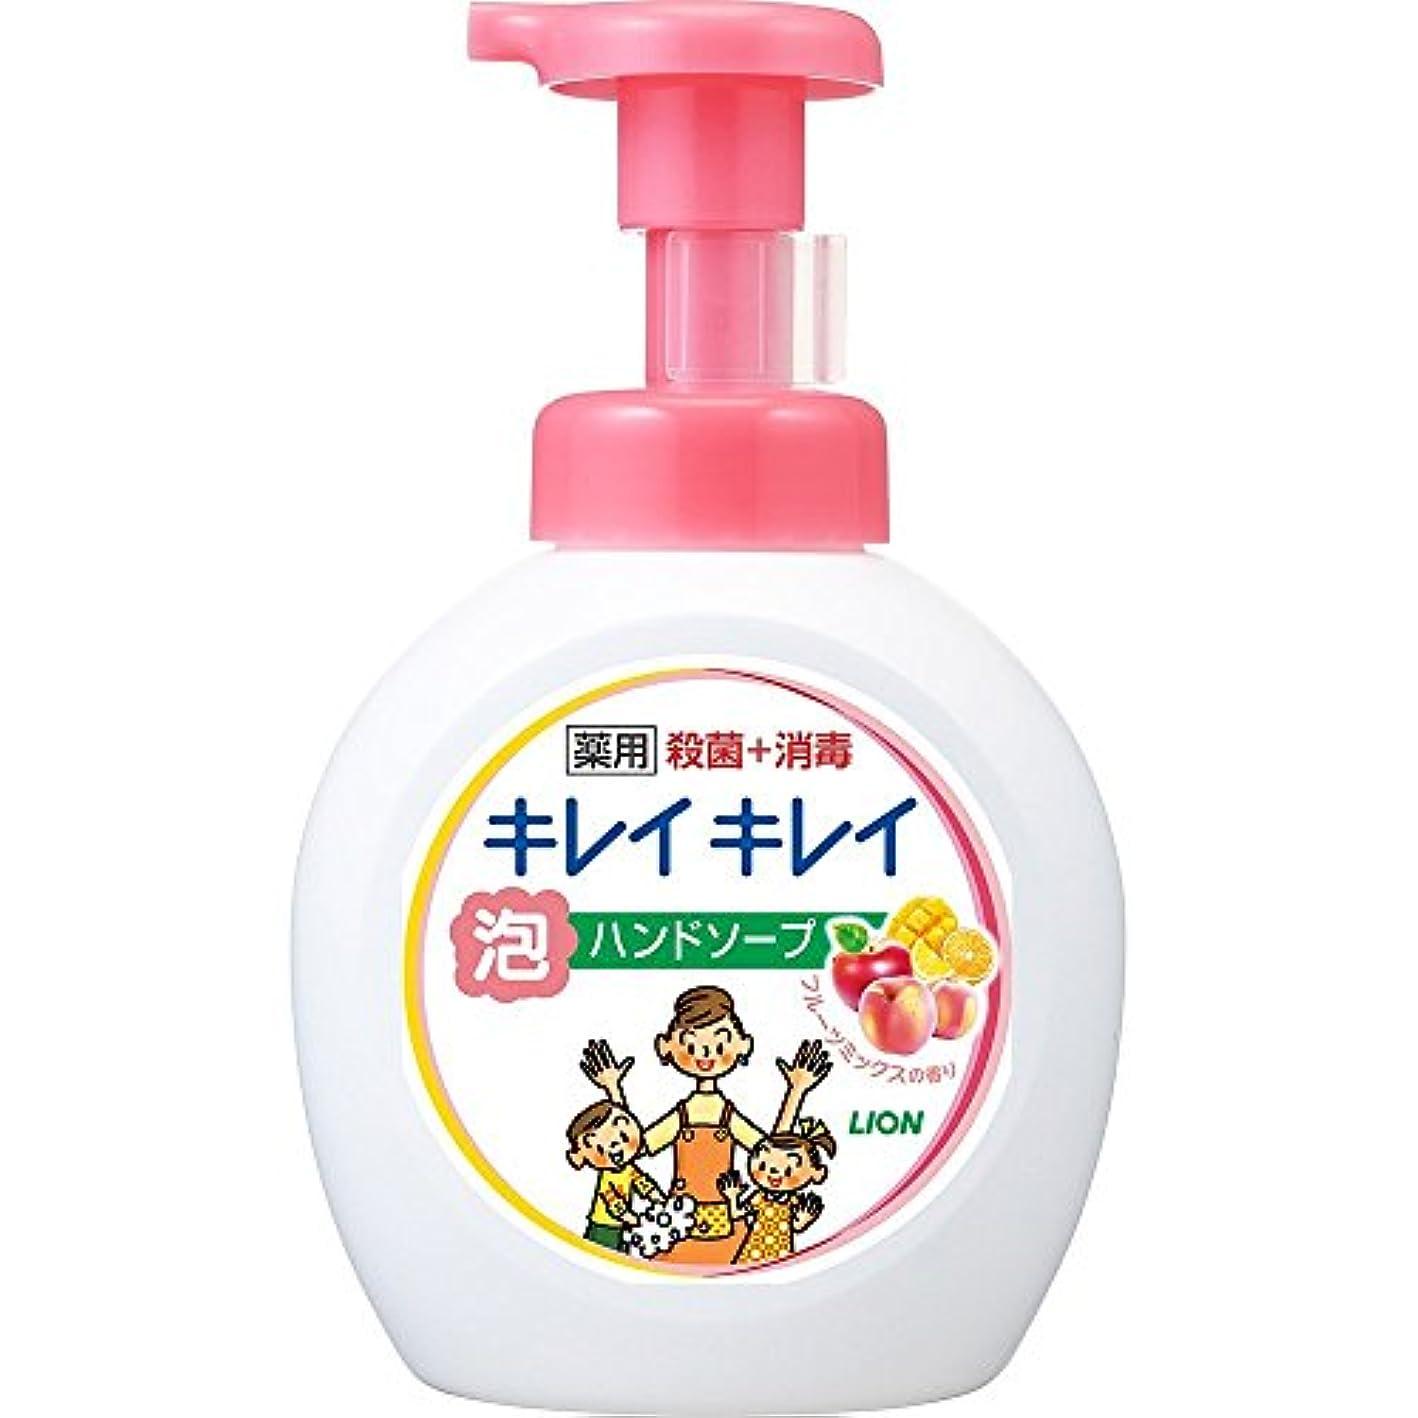 可動式オリエンタル放送キレイキレイ 薬用 泡ハンドソープ フルーツミックスの香り 本体ポンプ 大型サイズ 500ml(医薬部外品)